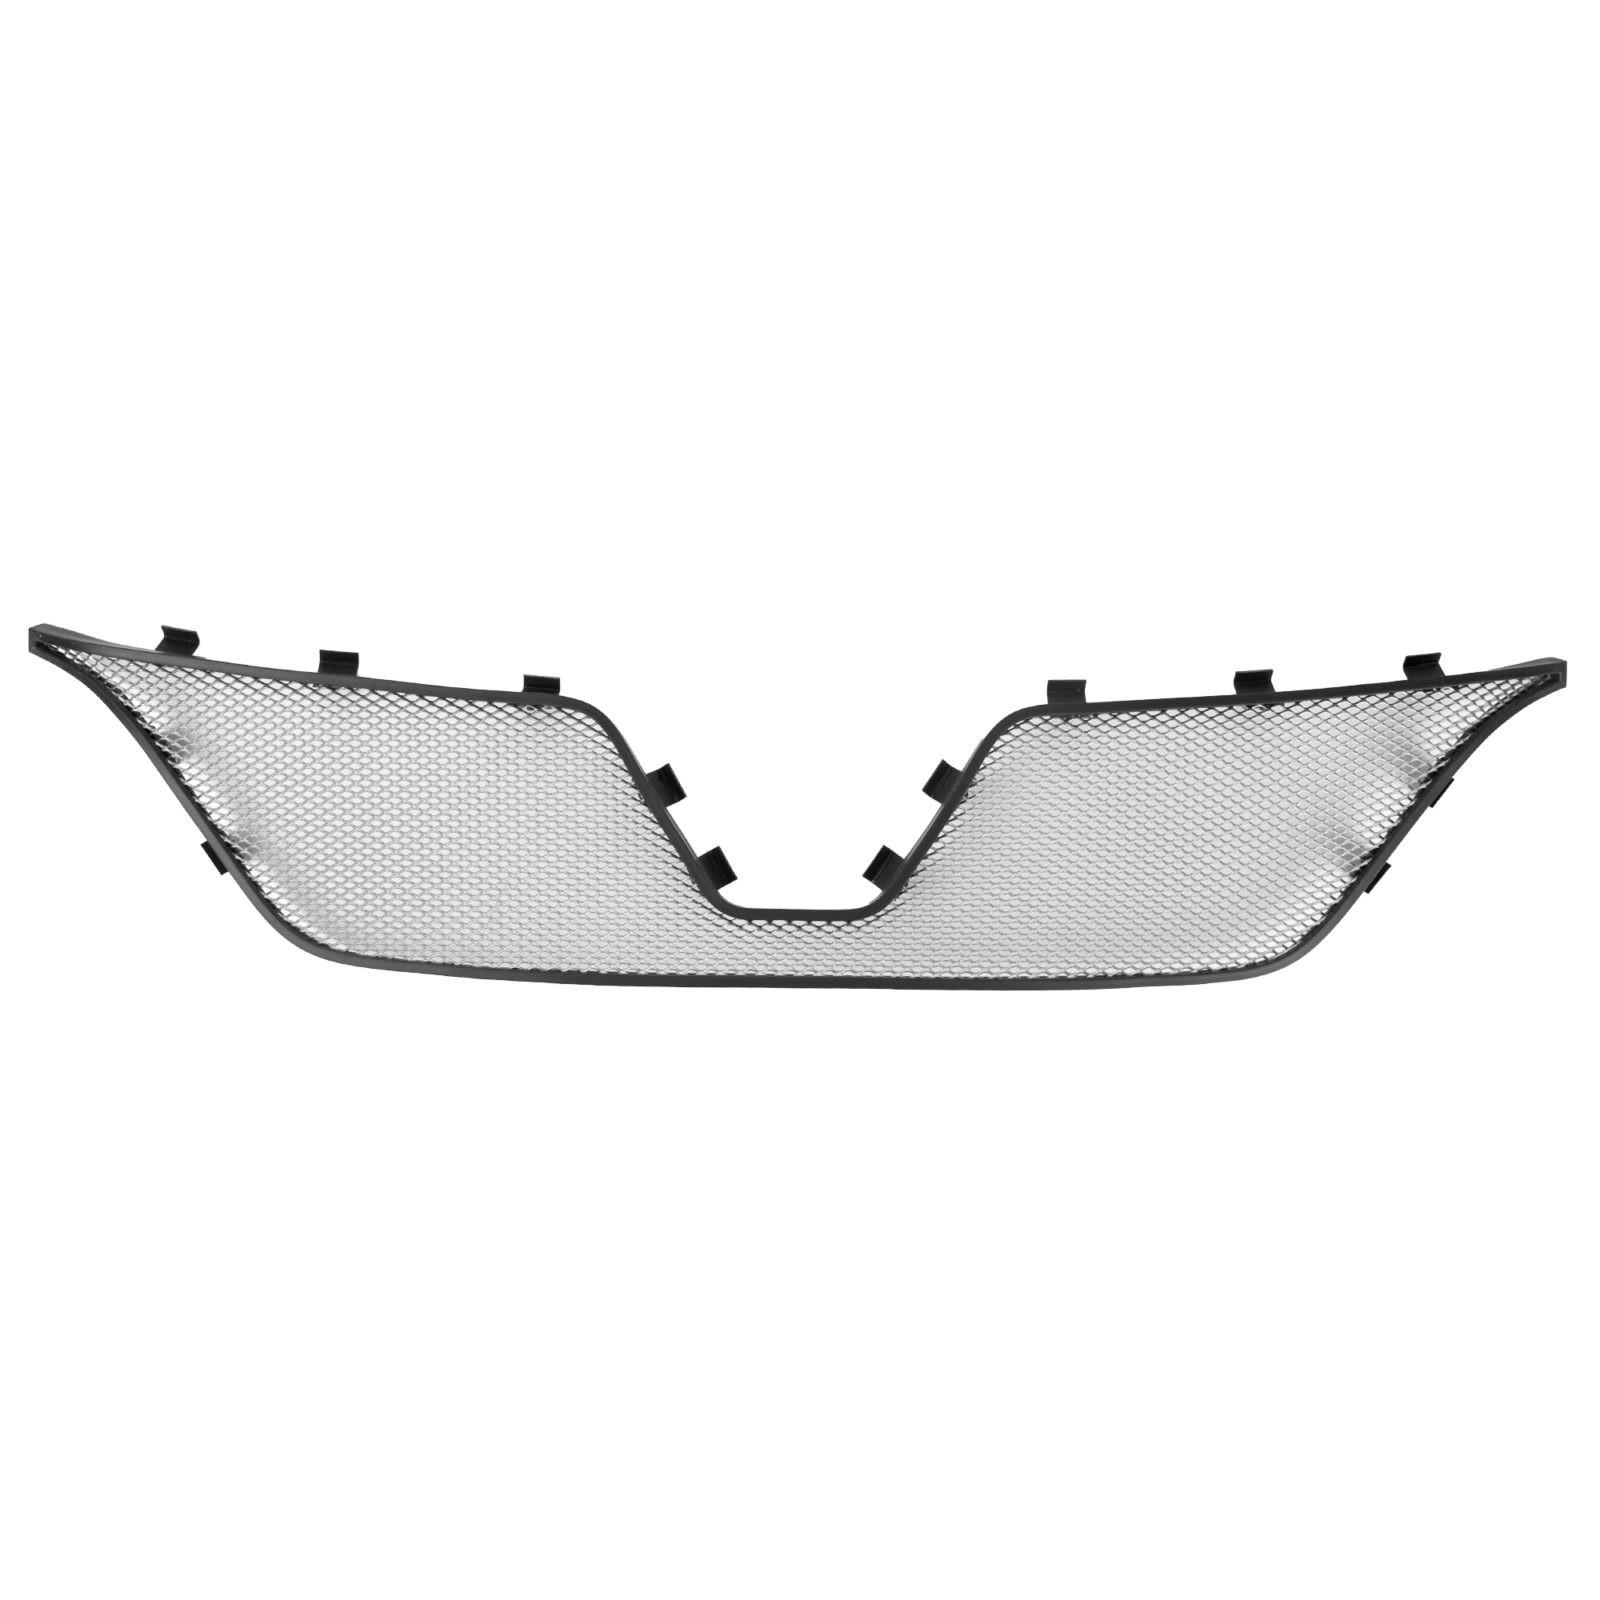 Защита радиатора Renault Logan, Sandero с 2018 г.в., chrome верх